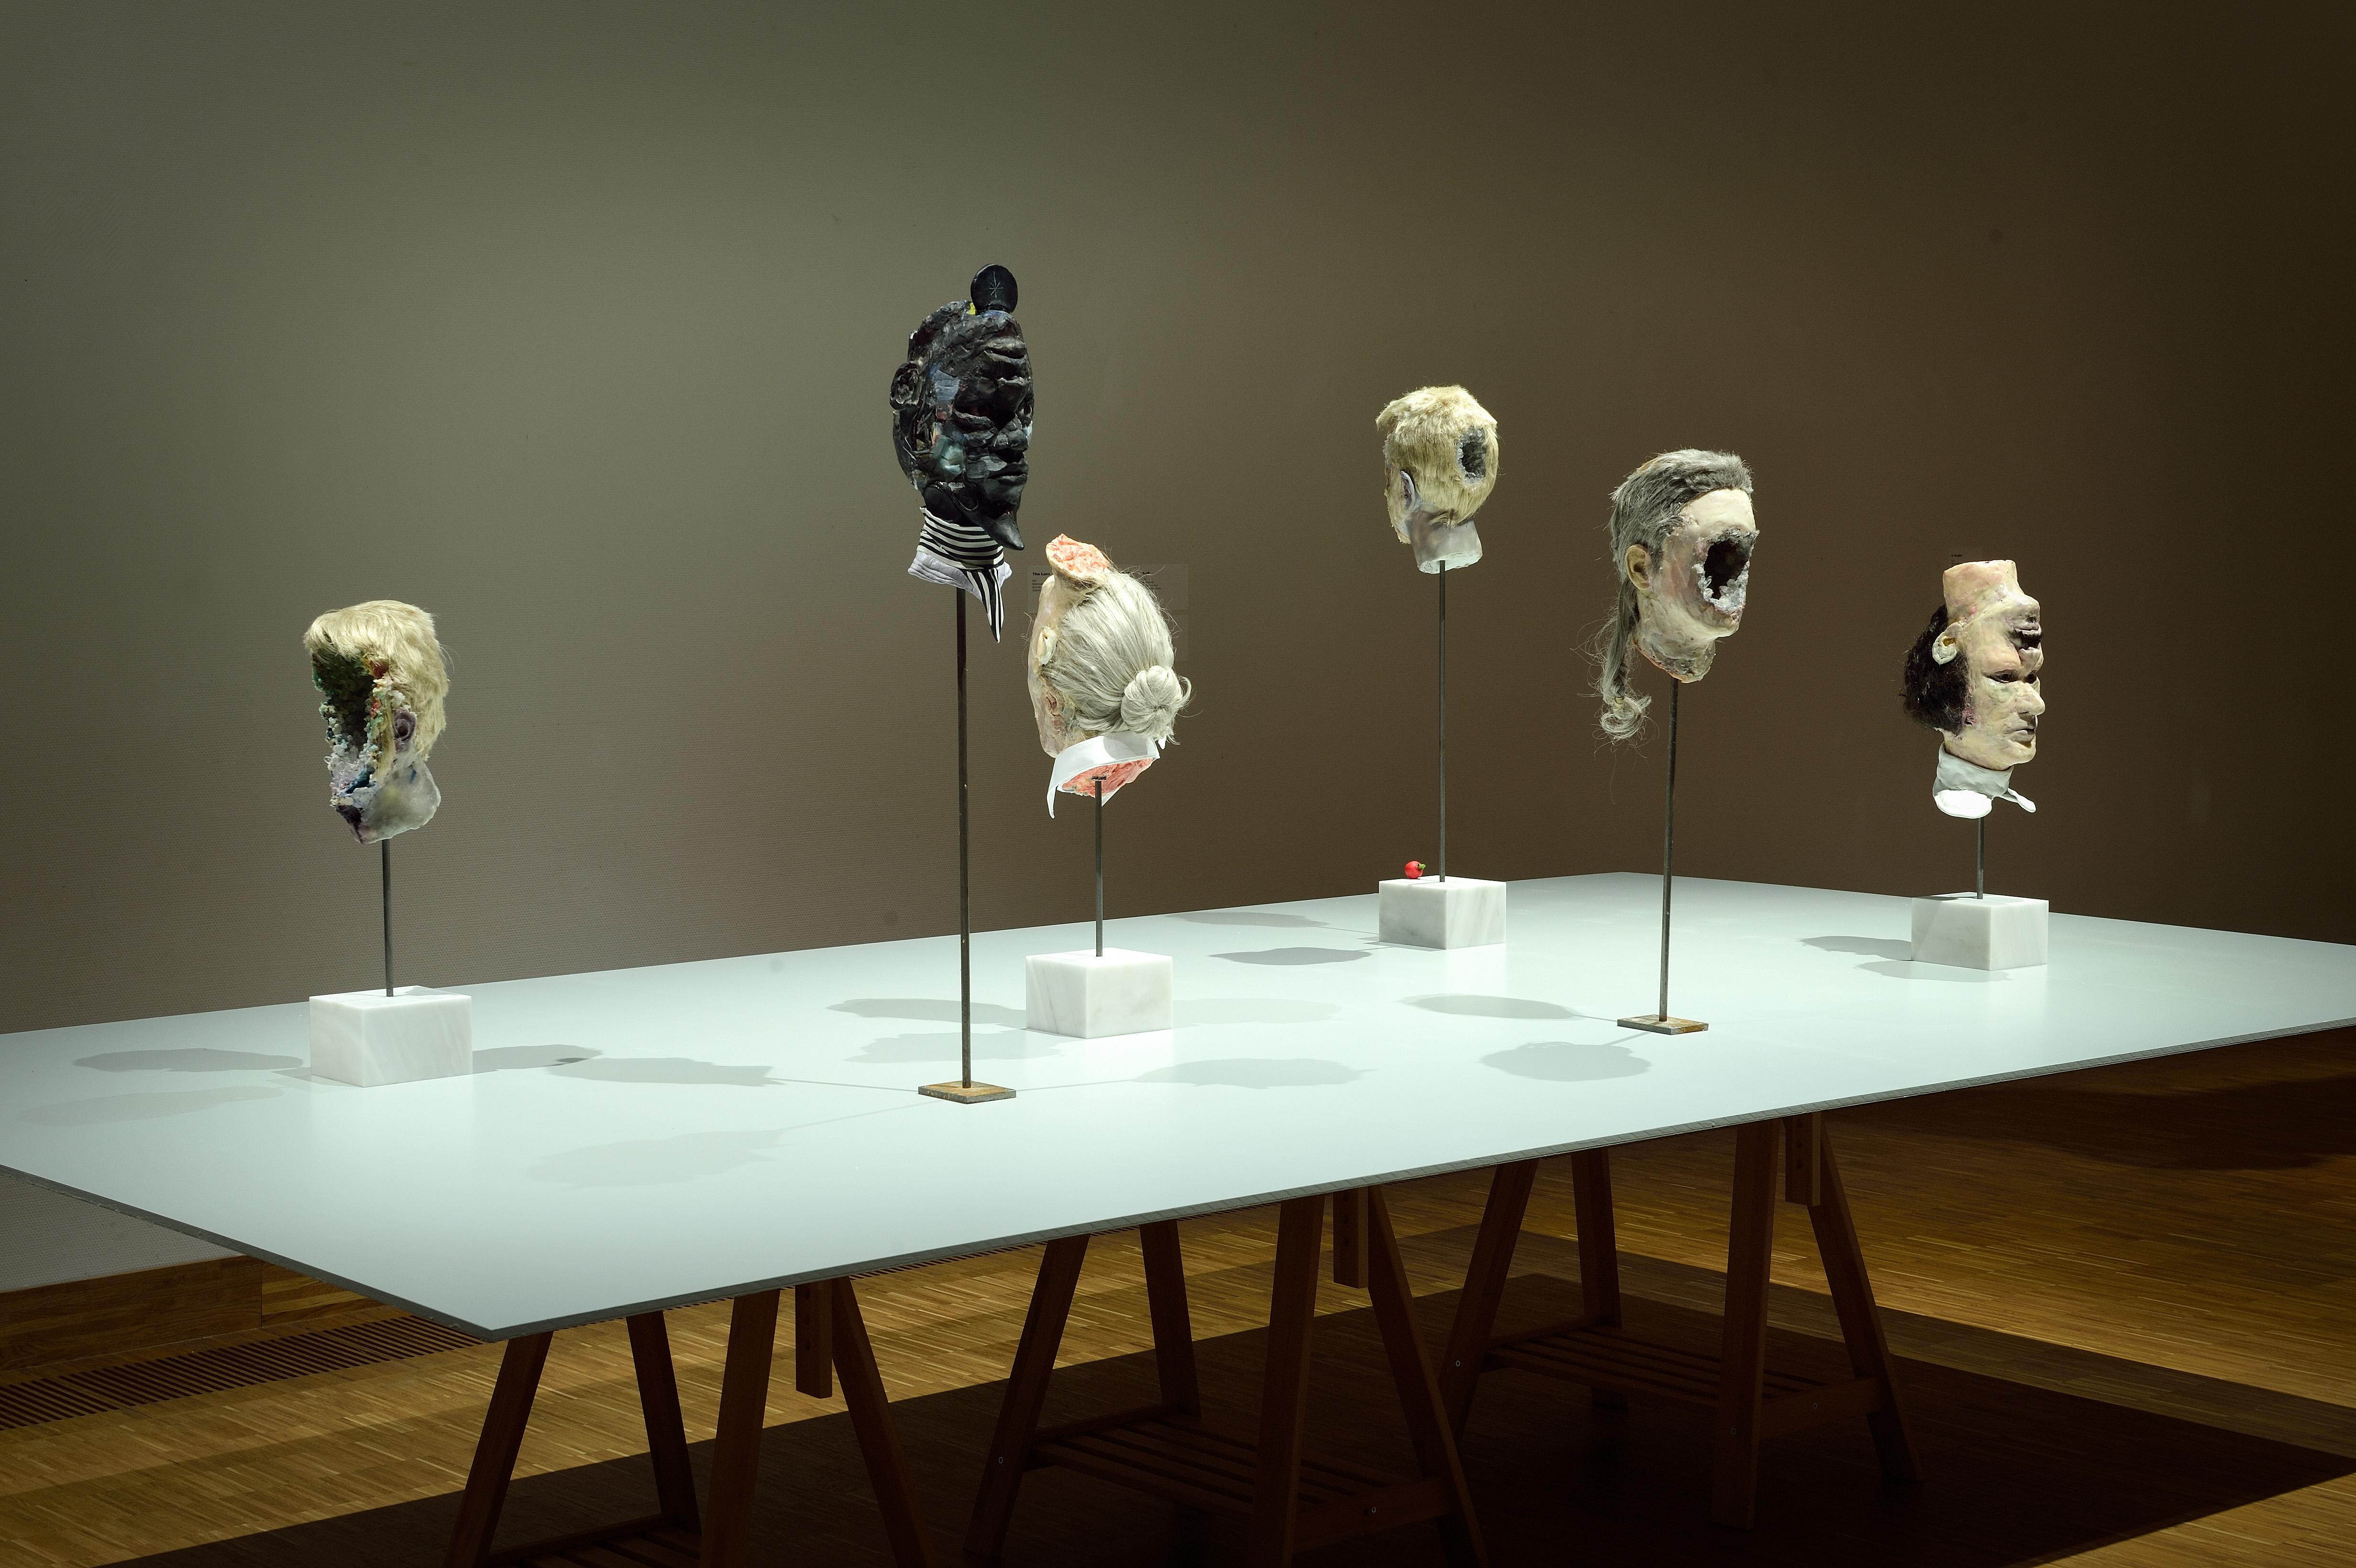 Zaaloverzicht Self-Fiction met werk van David Altmejd